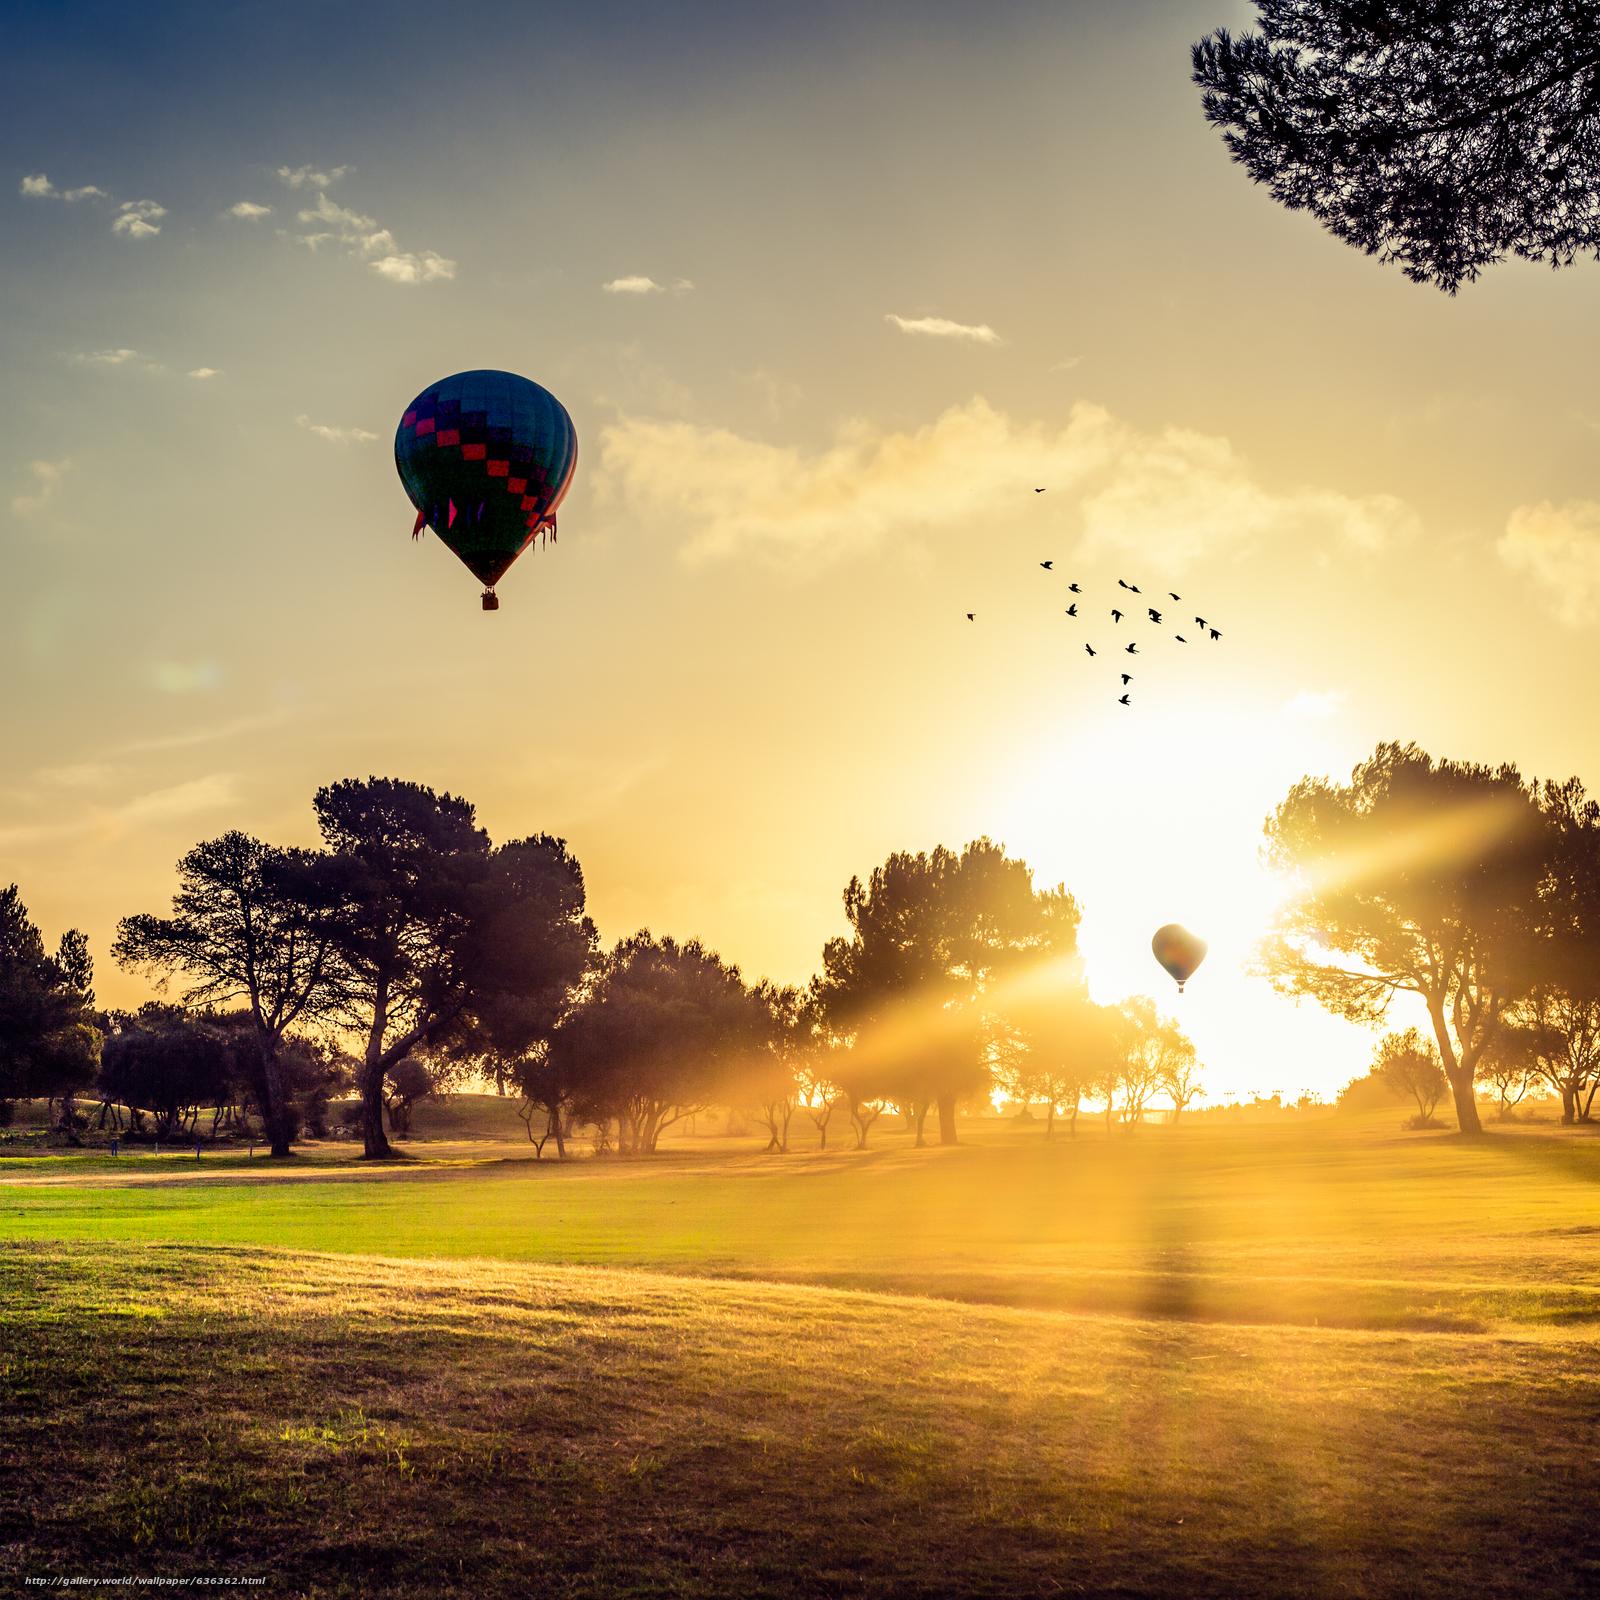 Скачать обои рассвет,  поле,  деревья,  воздушный шар бесплатно для рабочего стола в разрешении 3744x3744 — картинка №636362